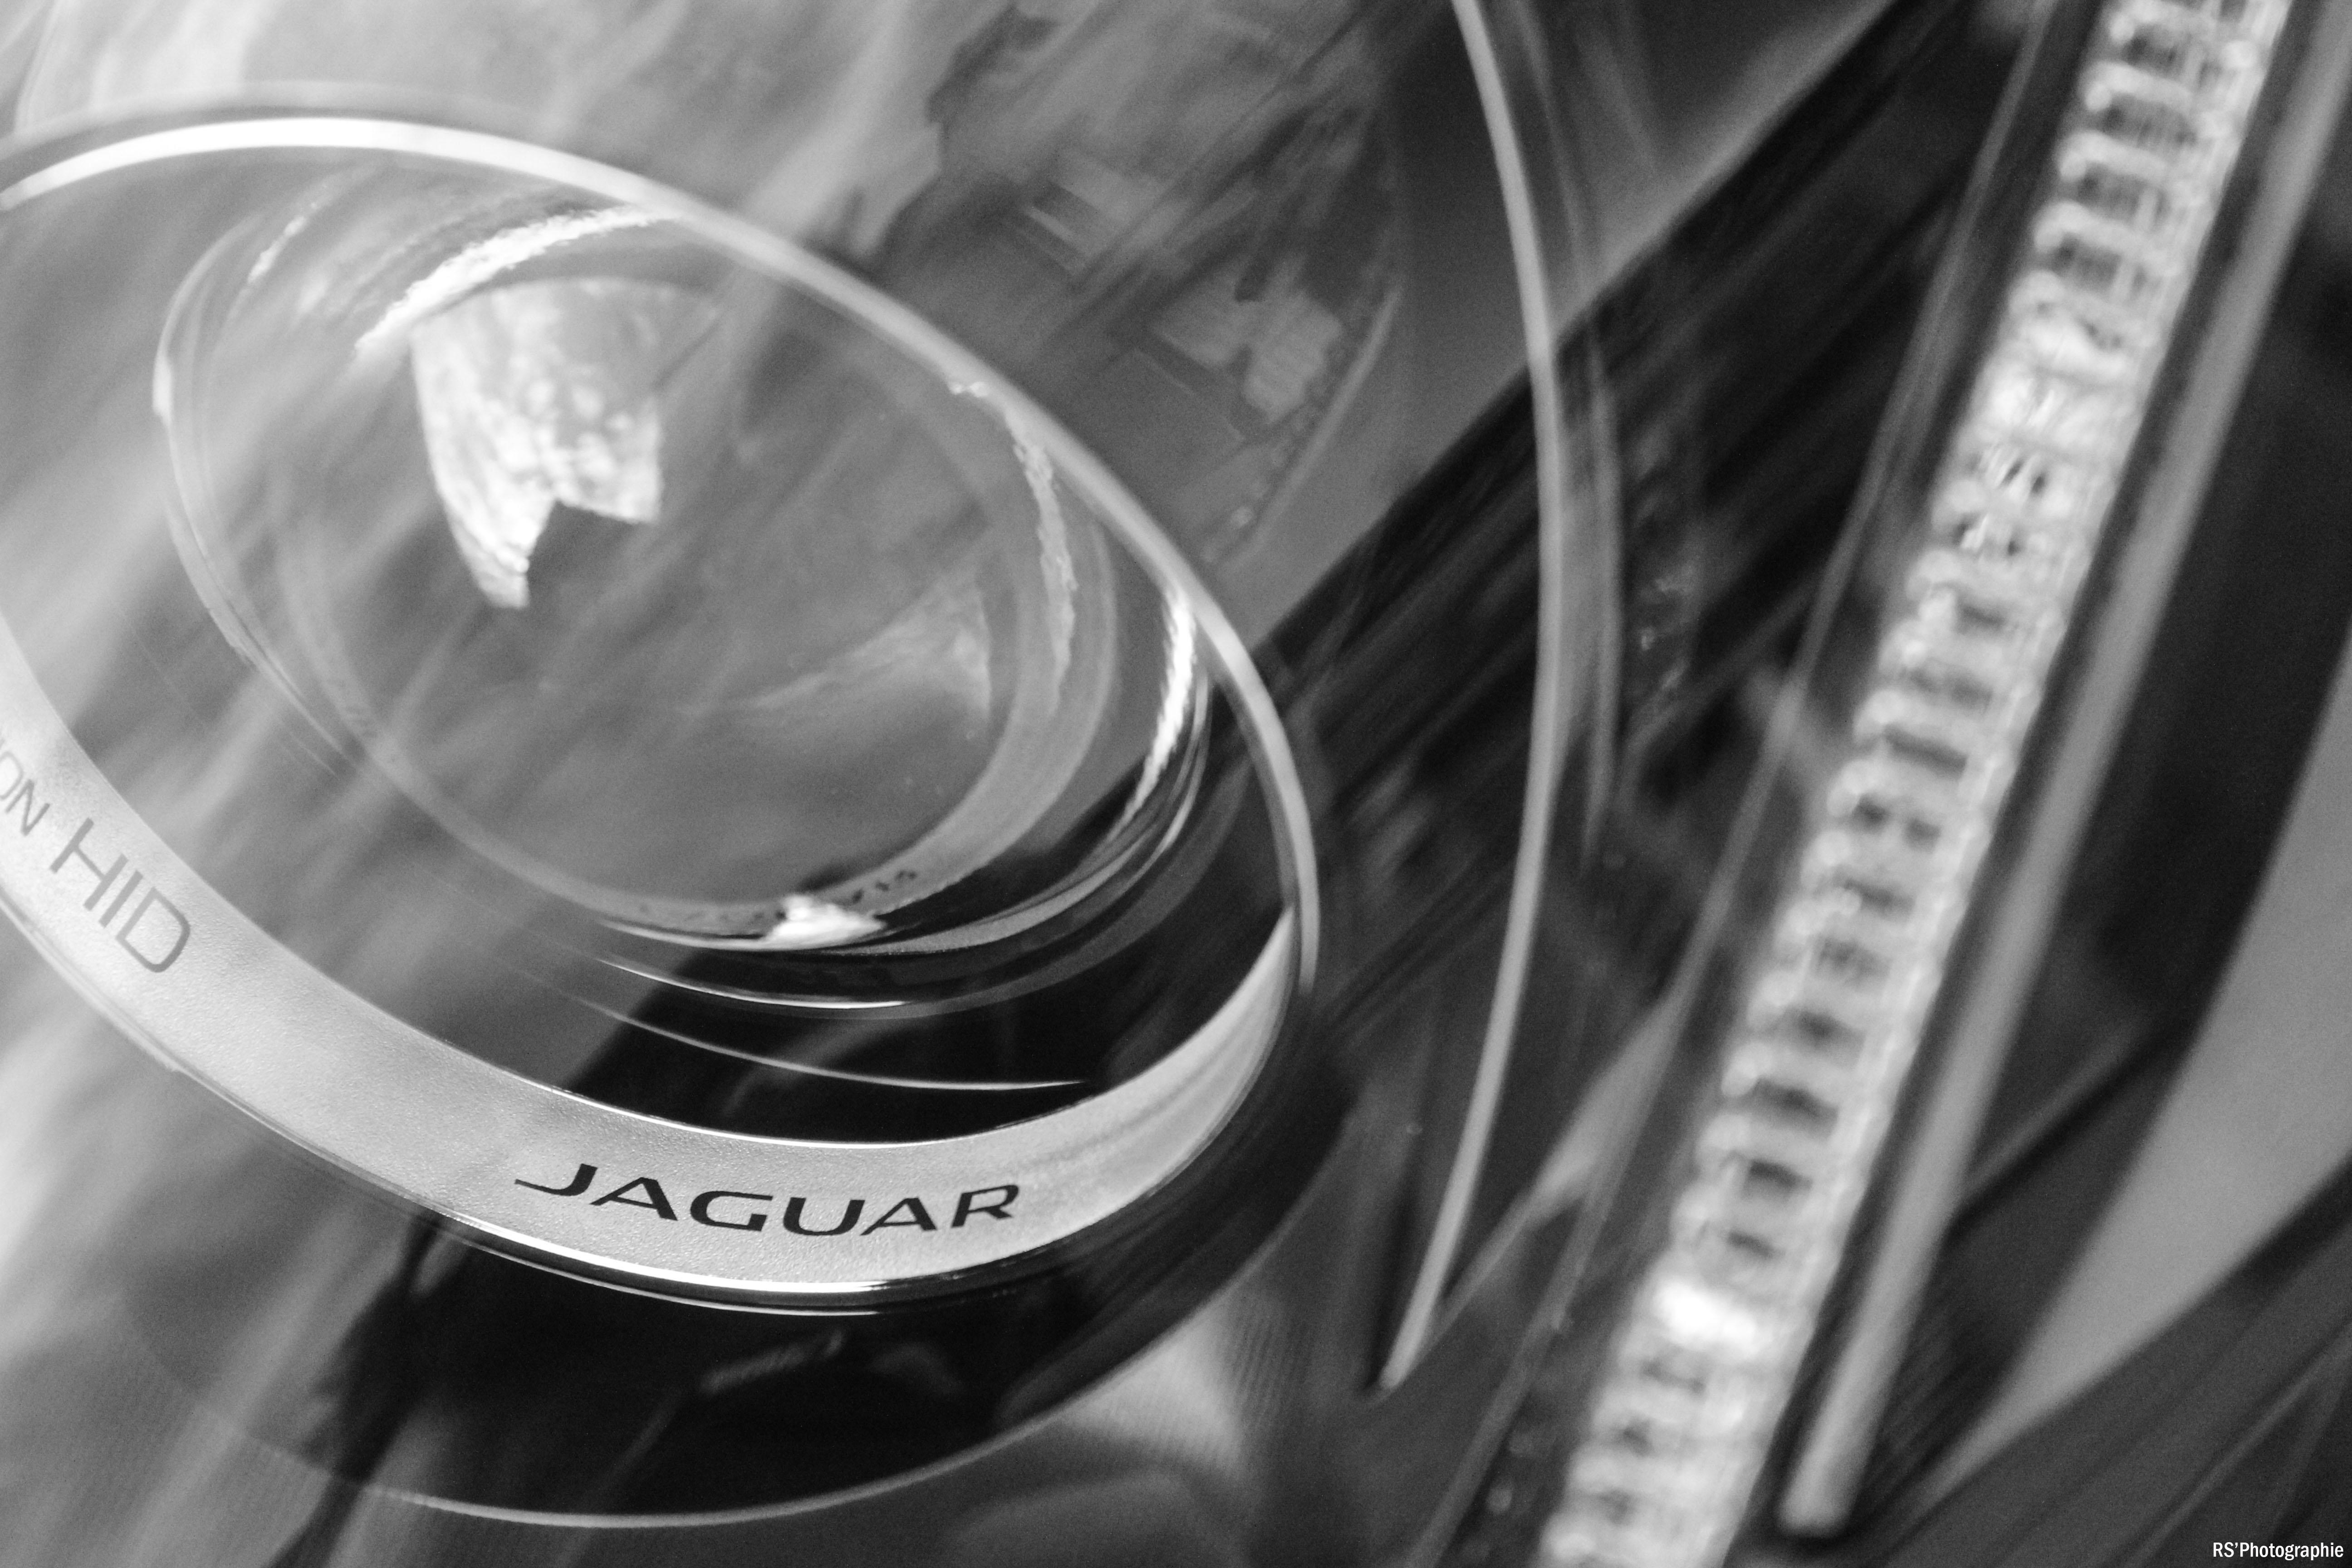 jaguarftypesvr33-jaguar-ftype-svr-headlight-phare-arnaud-demasier-rsphotographie